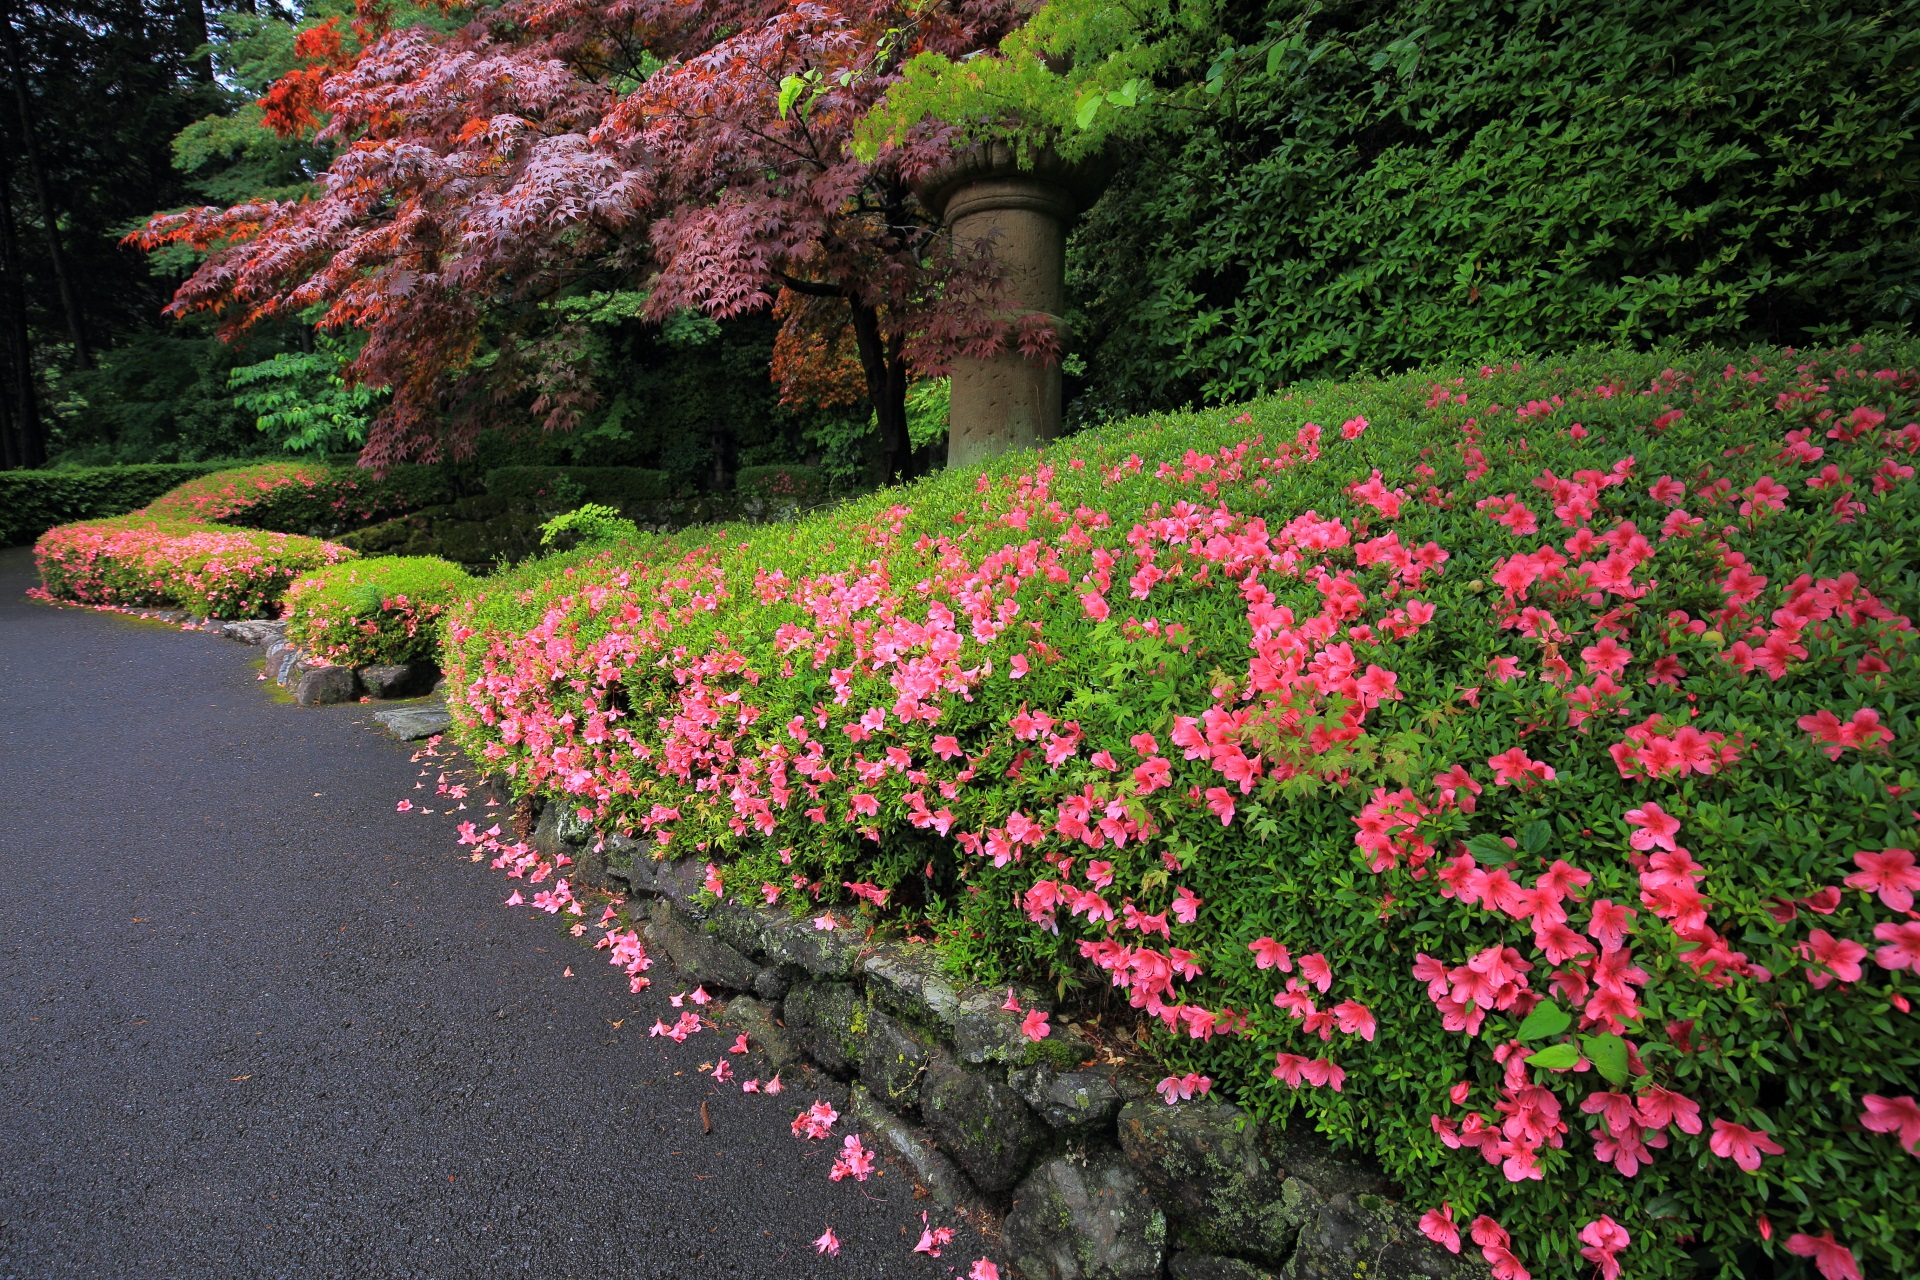 青蓮の滝の上品で控えめな美しいサツキ